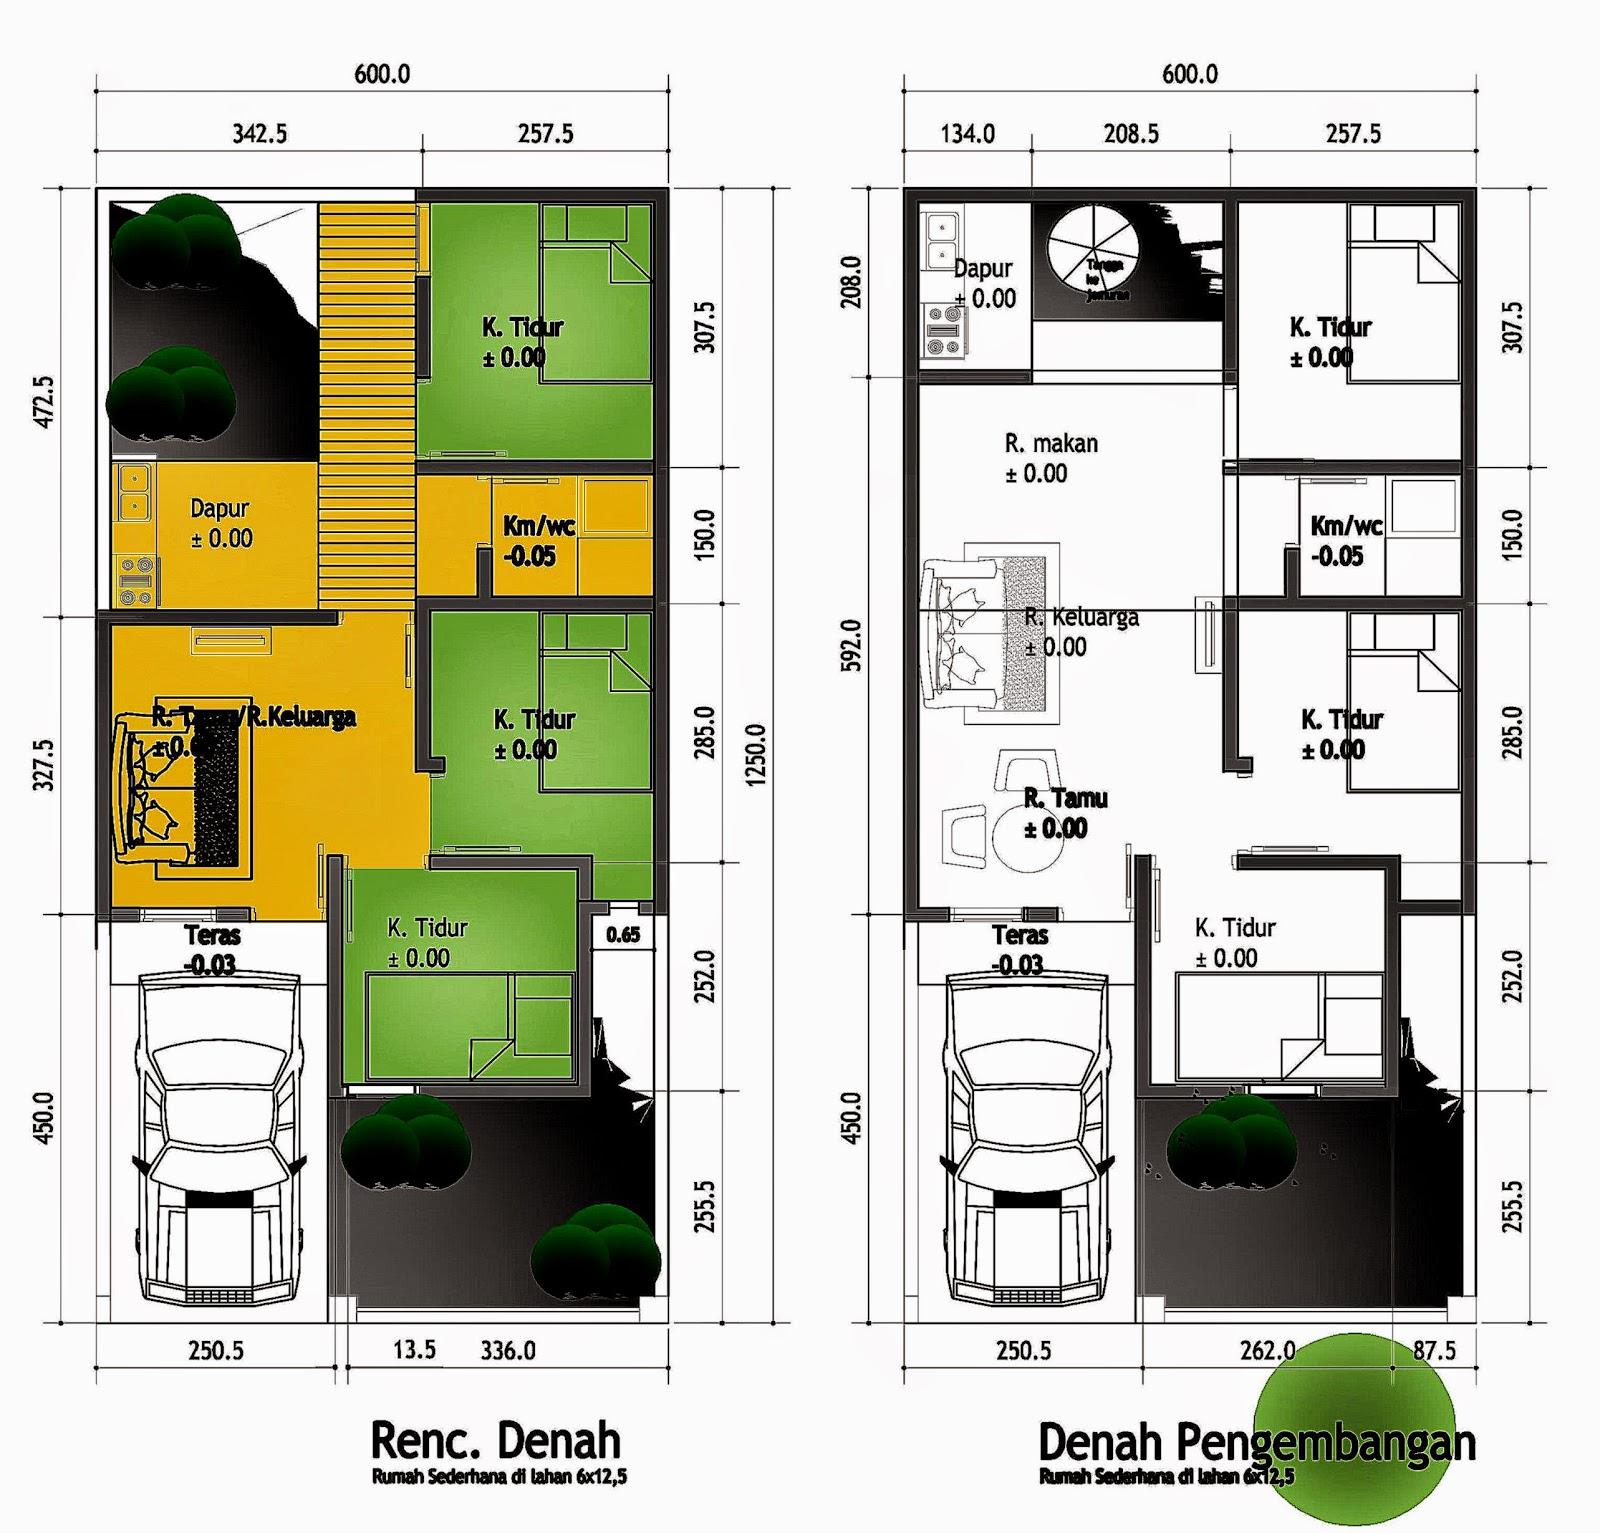 Contoh Denah Rumah Type 65   Desain Rumah Minimalis 2014  Idolbuster